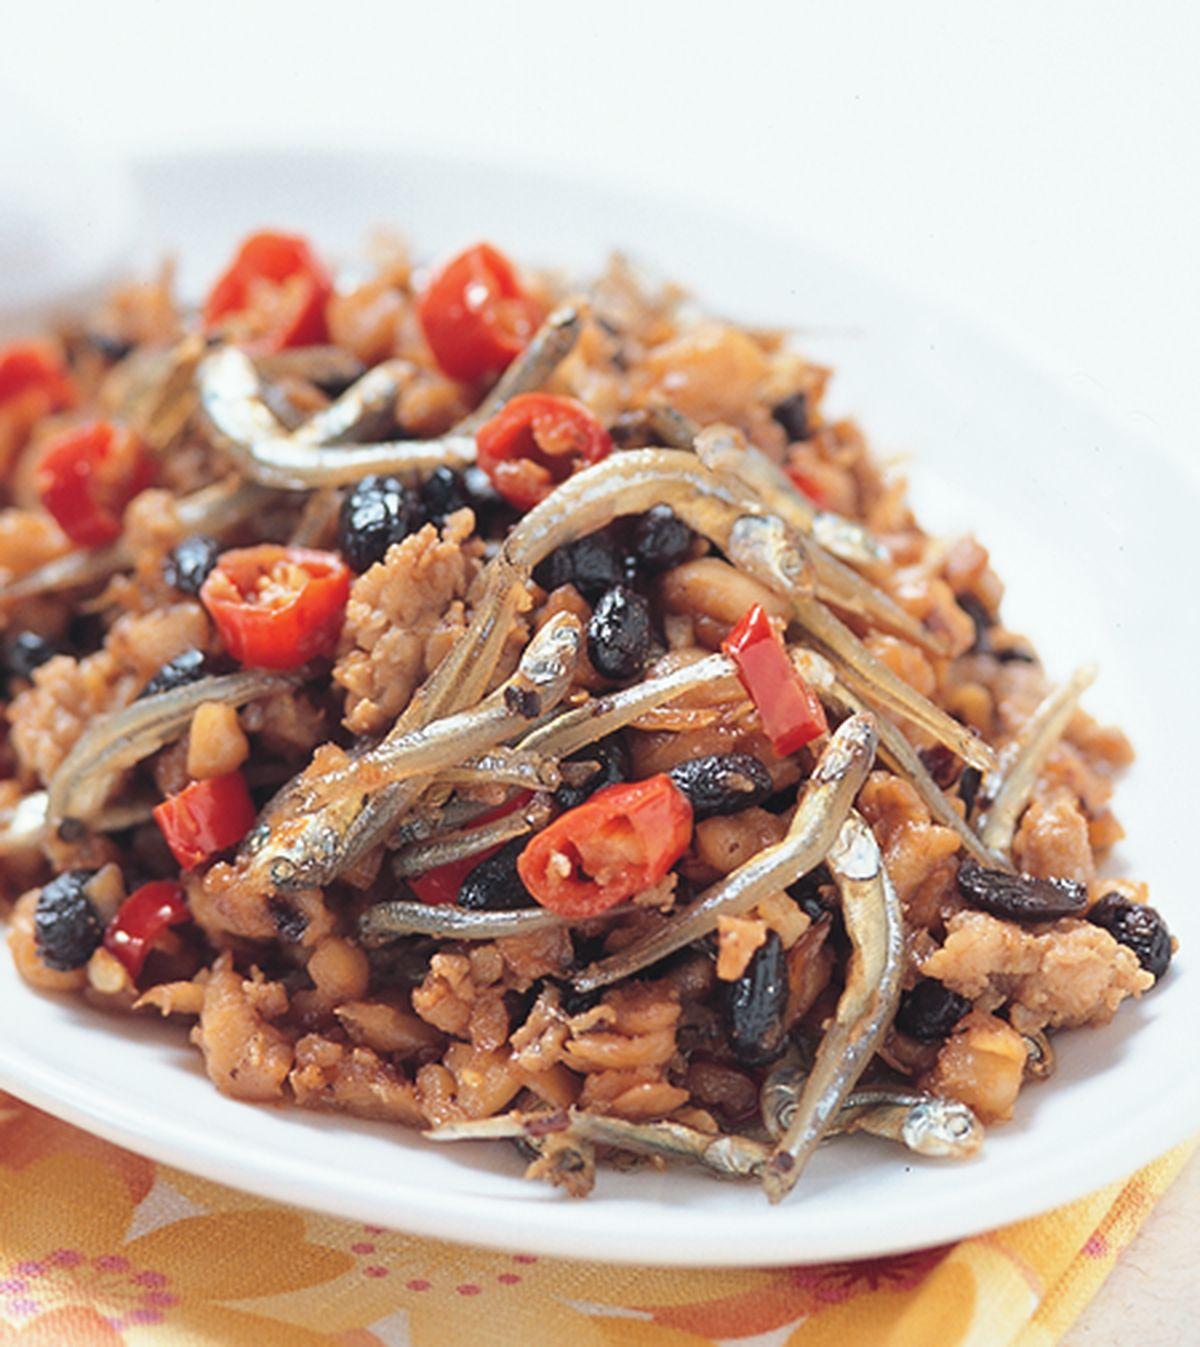 食譜:蘿蔔炒小魚乾